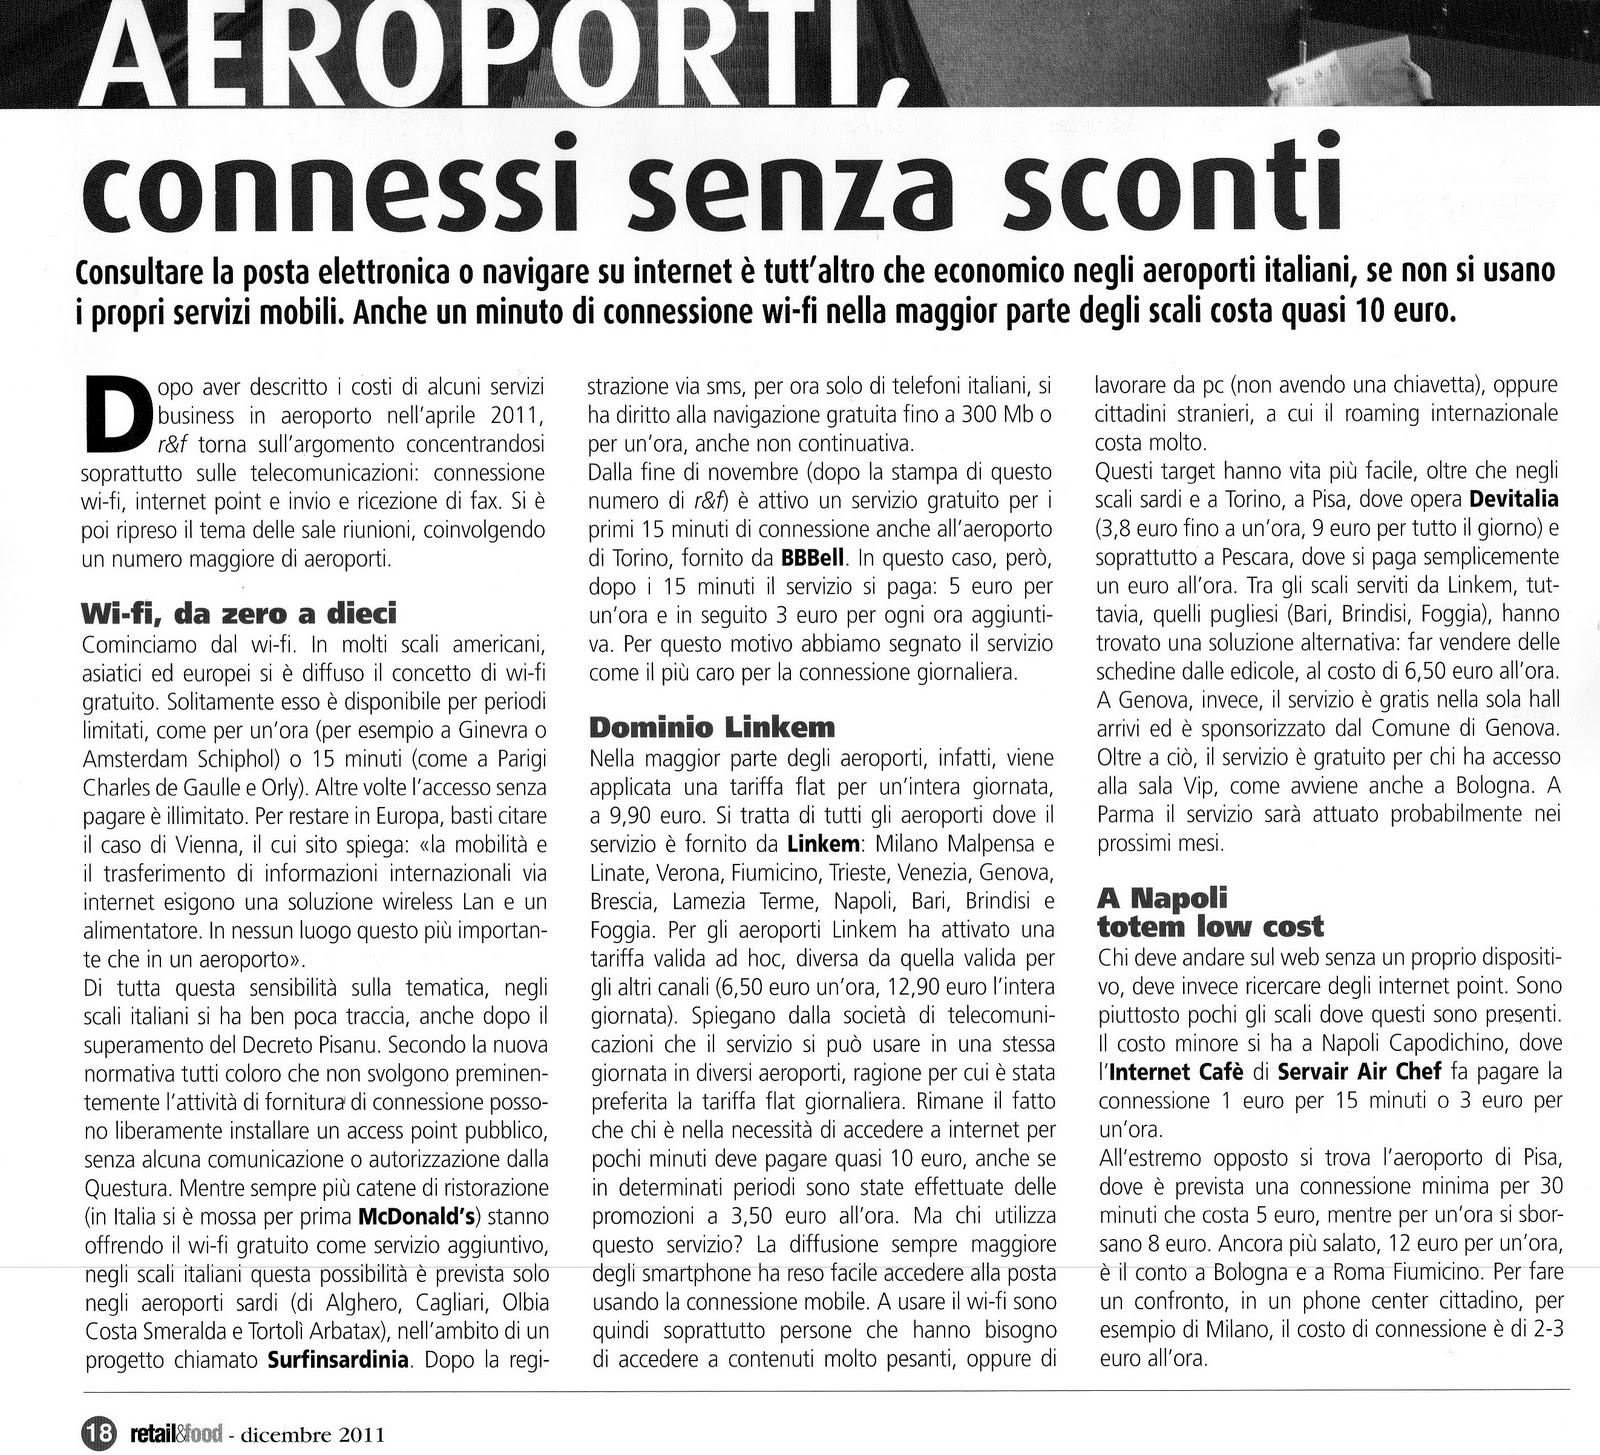 Consultare la posta elettronica o navigare su internet ¨ tutt altro che economico negli aeroporti italiani se non si usano i propri servizi